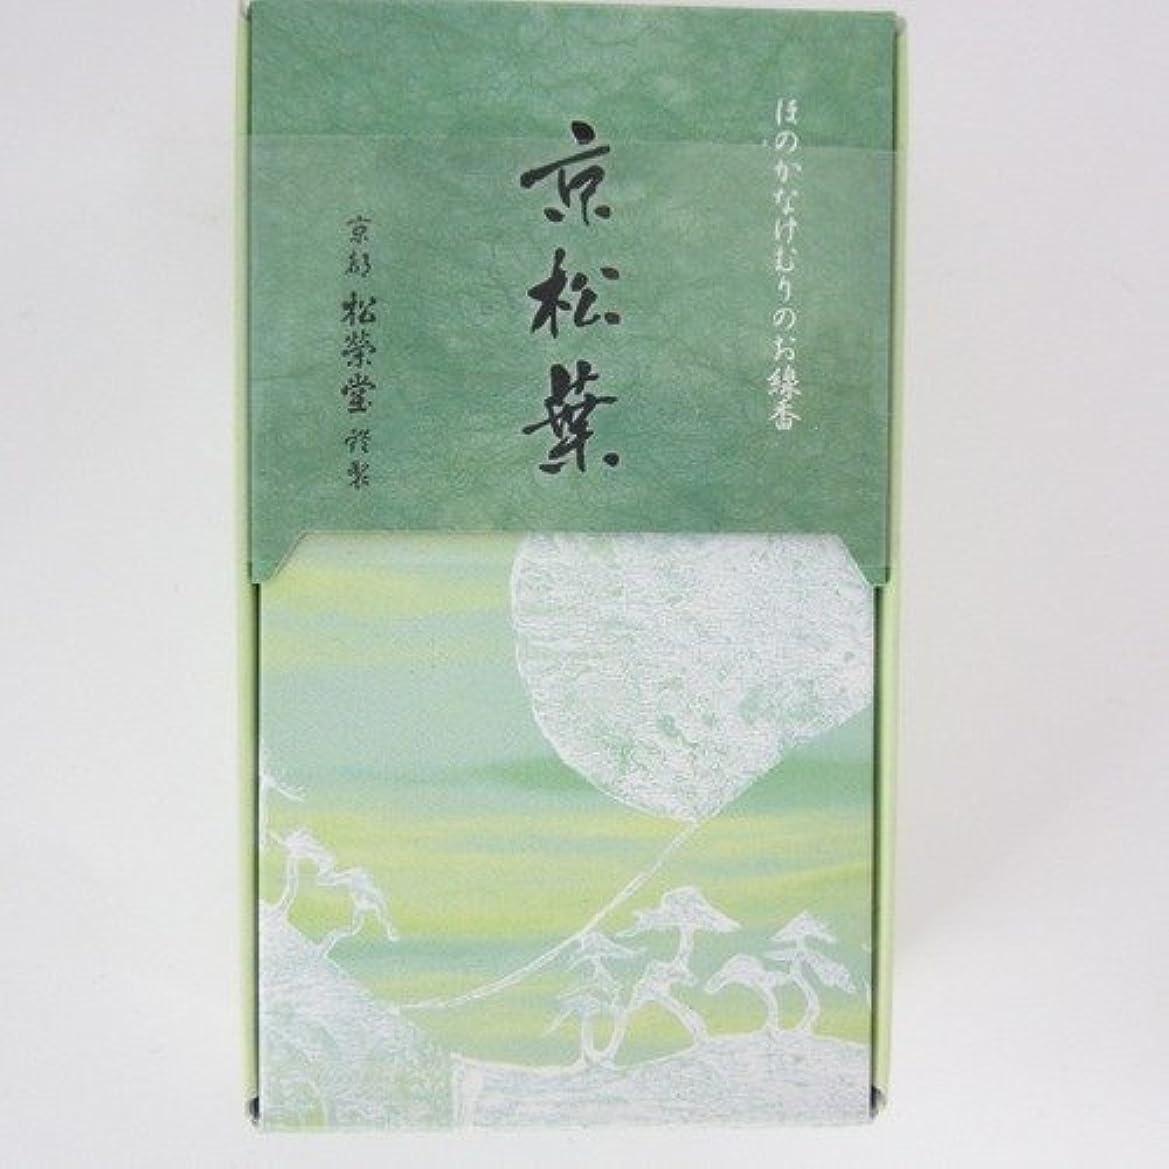 減らす人生を作る証明する松栄堂 玉響シリーズ お香 京松葉 45g